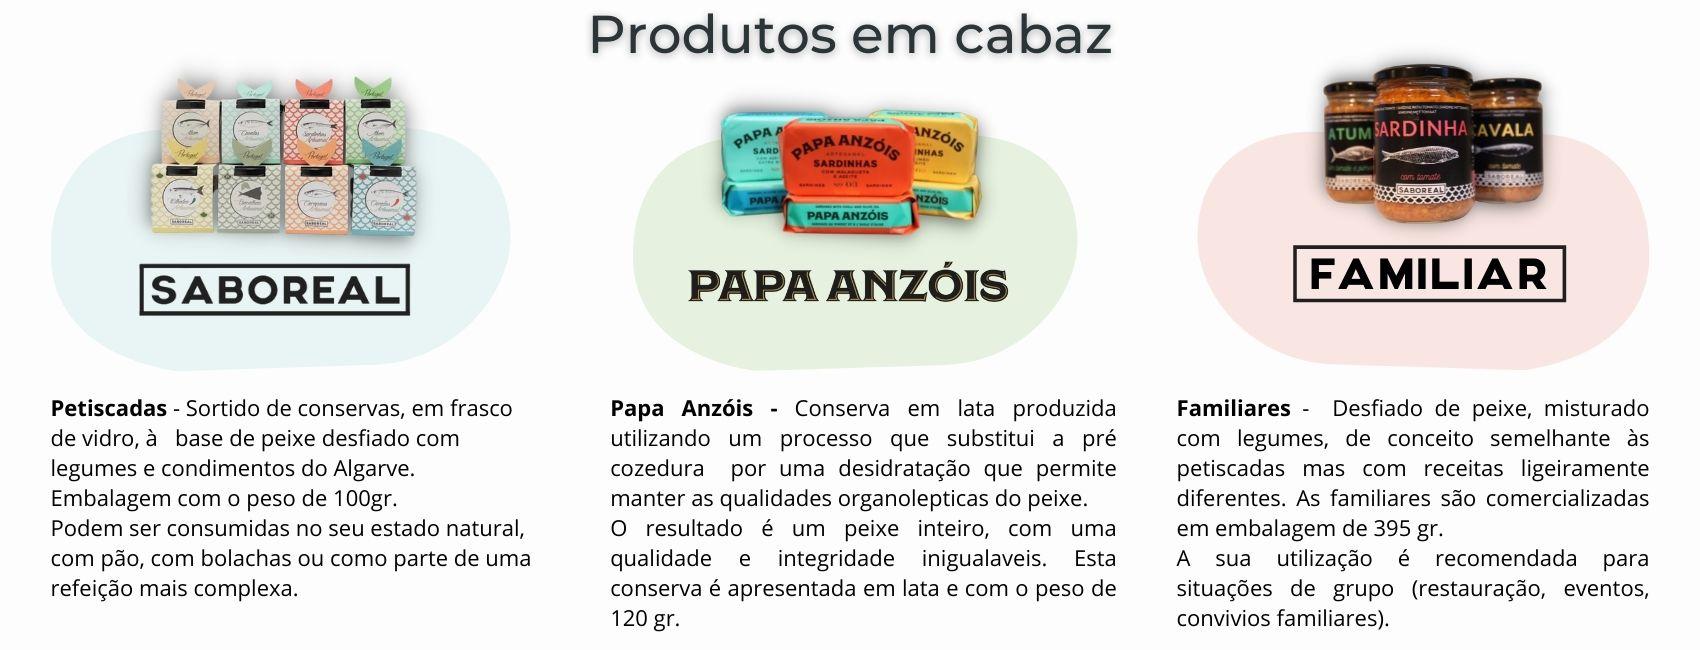 Conserveira do Arade - Cabazes especiais, únicos, inesquecíveis.  cabaz nativo.  Cabaz para o Pai.  Cabaz Portugal.  Conserveira do Arade